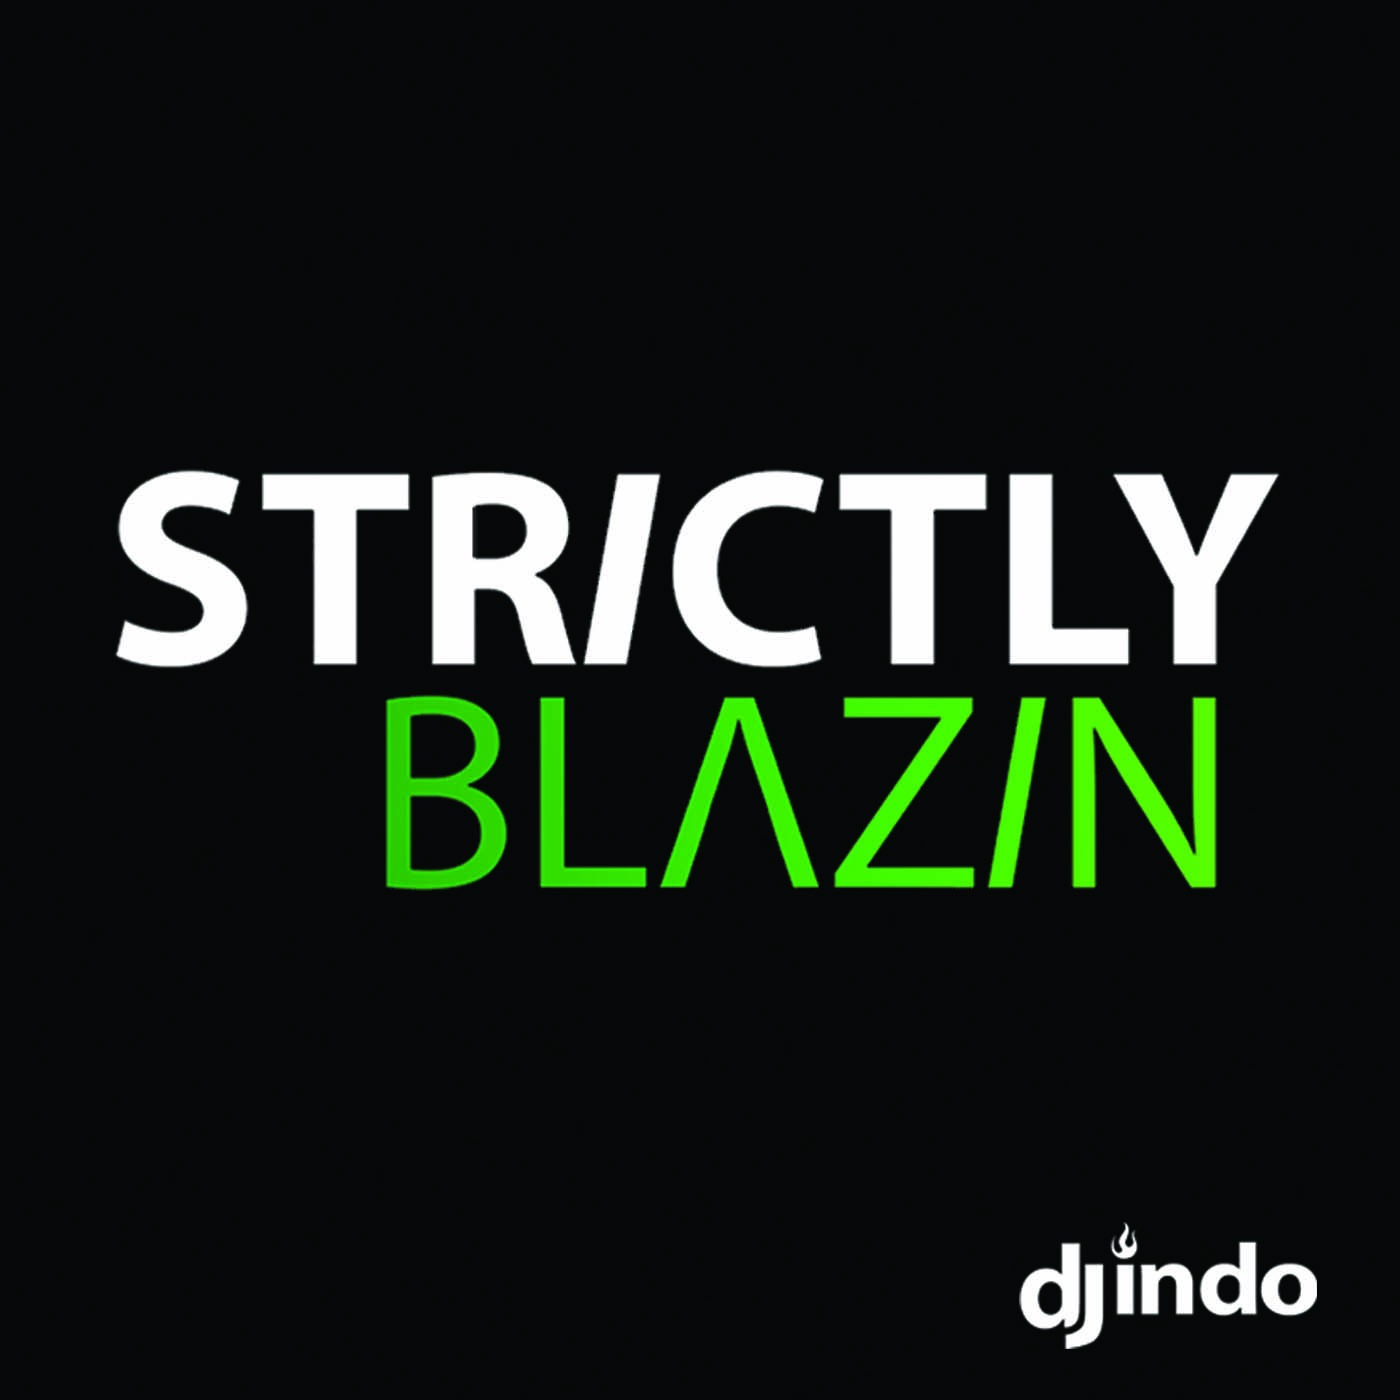 Strictly Blazin